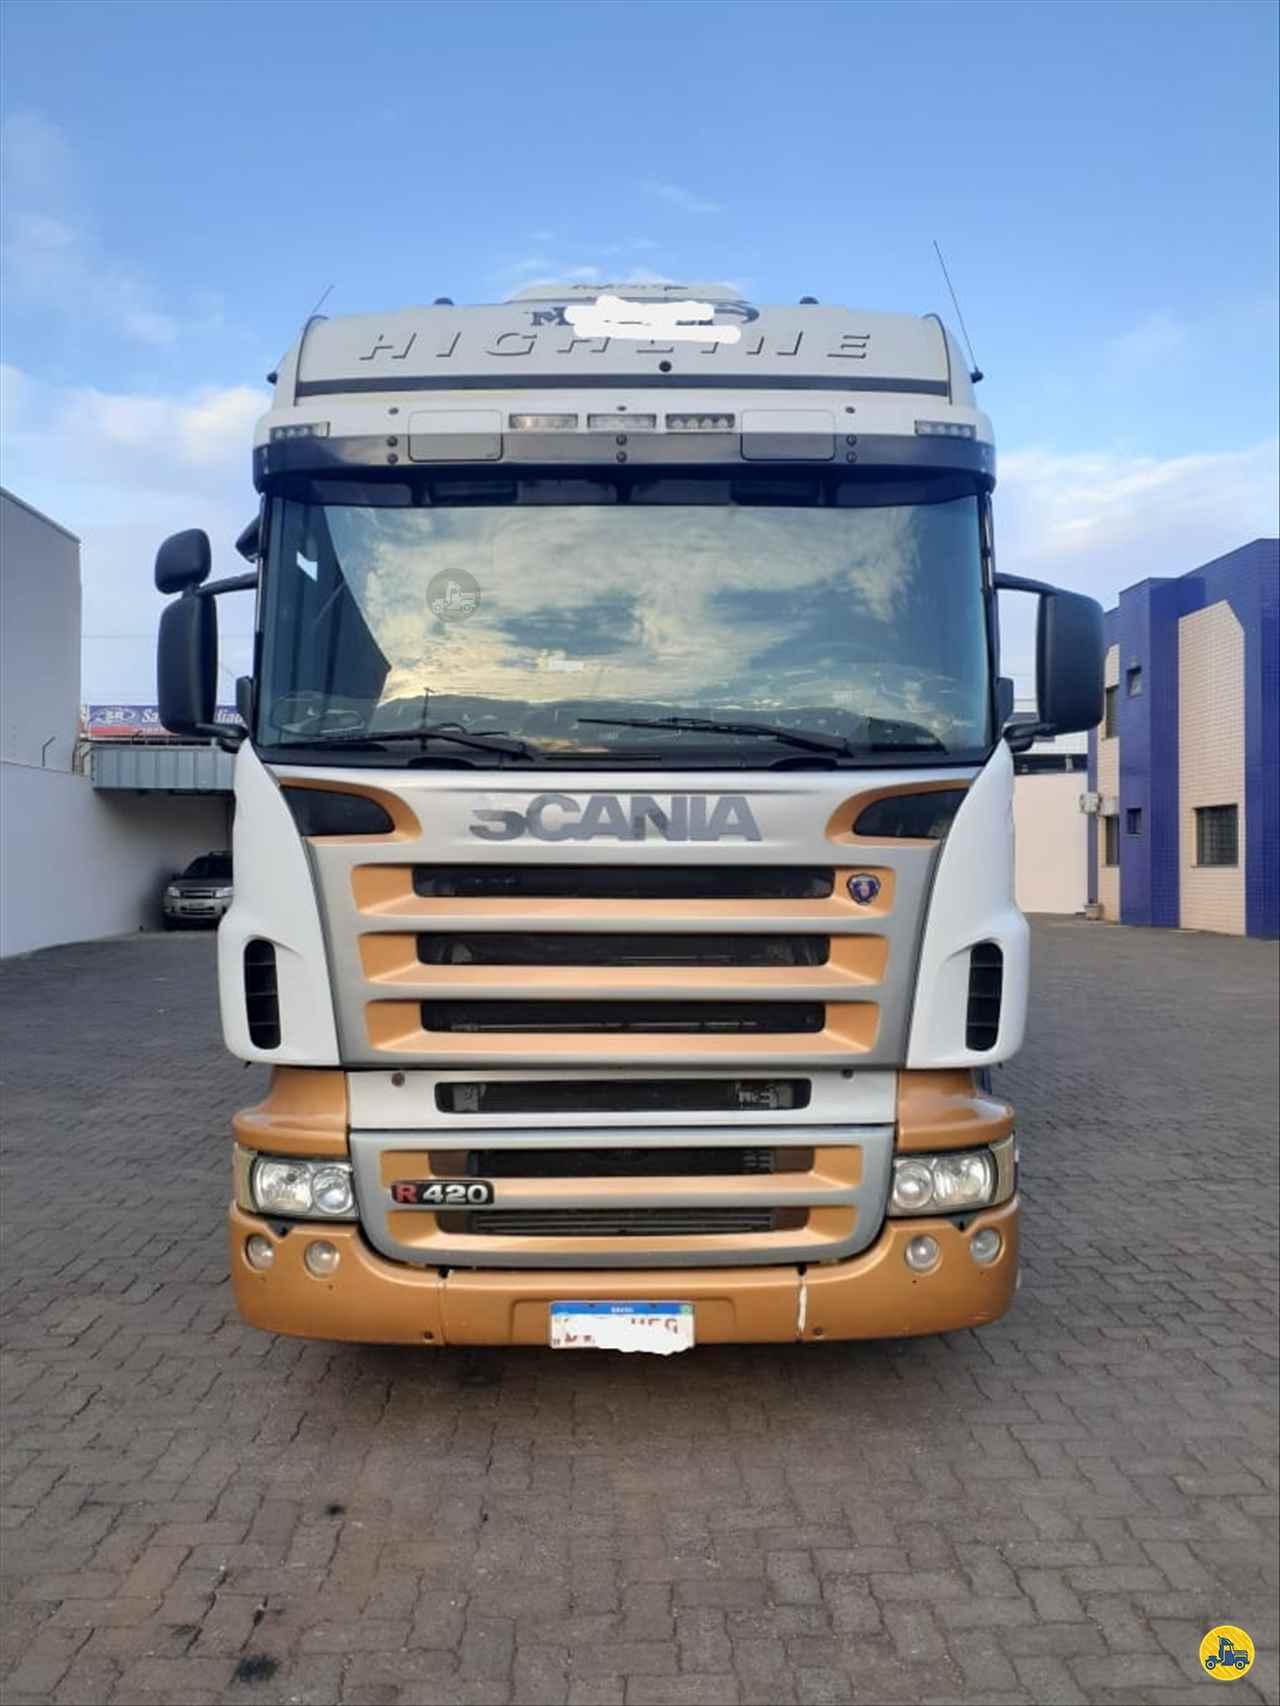 CAMINHAO SCANIA SCANIA 420 Cavalo Mecânico Truck 6x2 Diogo Caminhões ANAPOLIS GOIAS GO